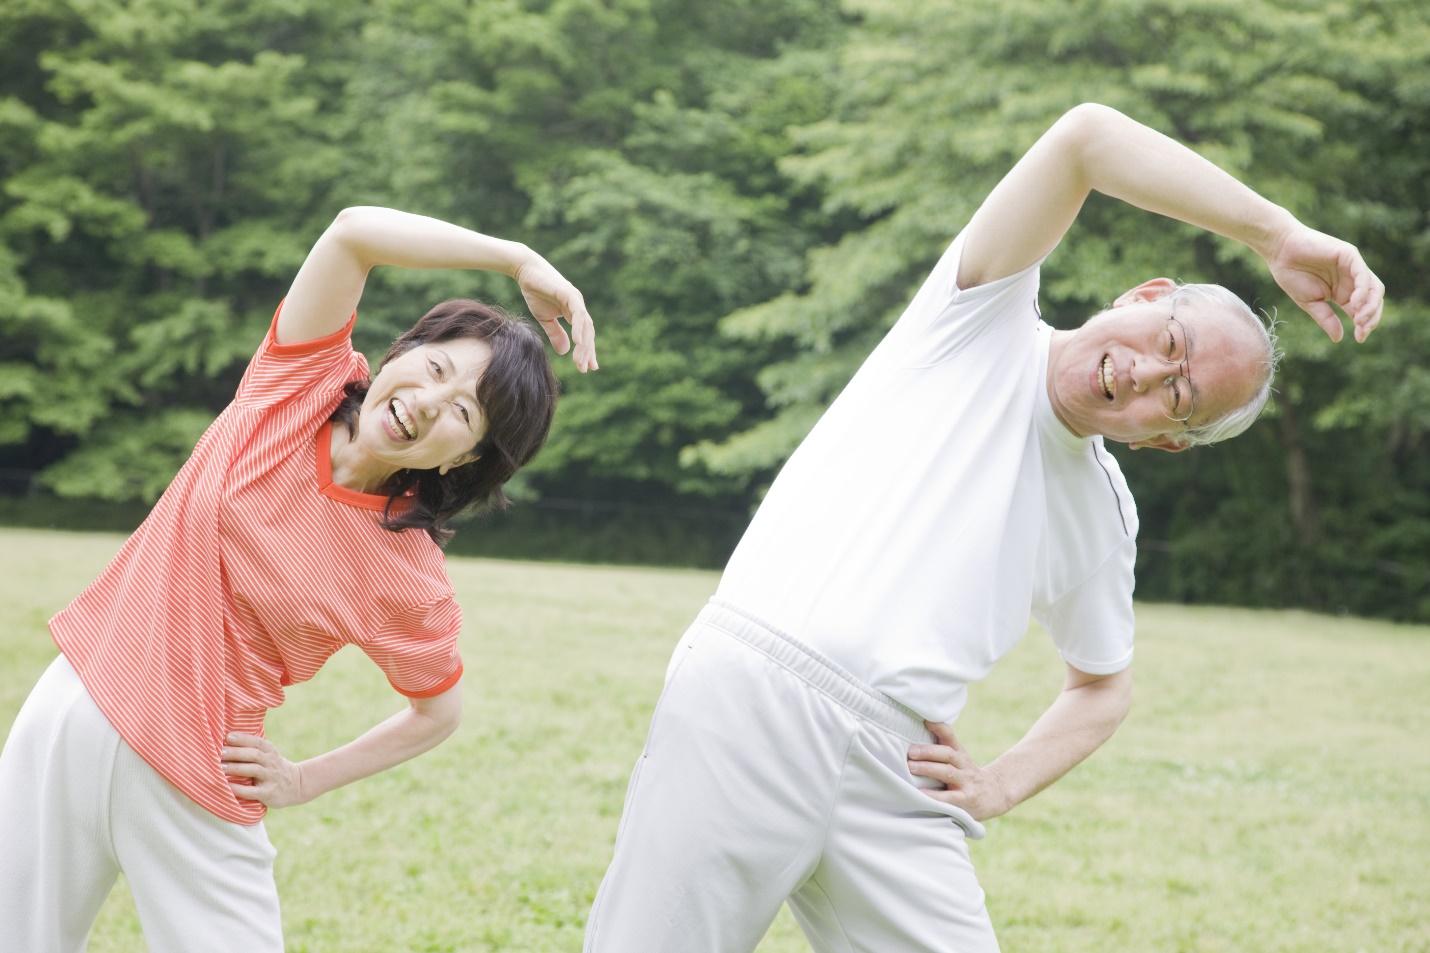 Những lưu ý giúp bạn mua được bảo hiểm sức khỏe chất lượng cho bố mẹ